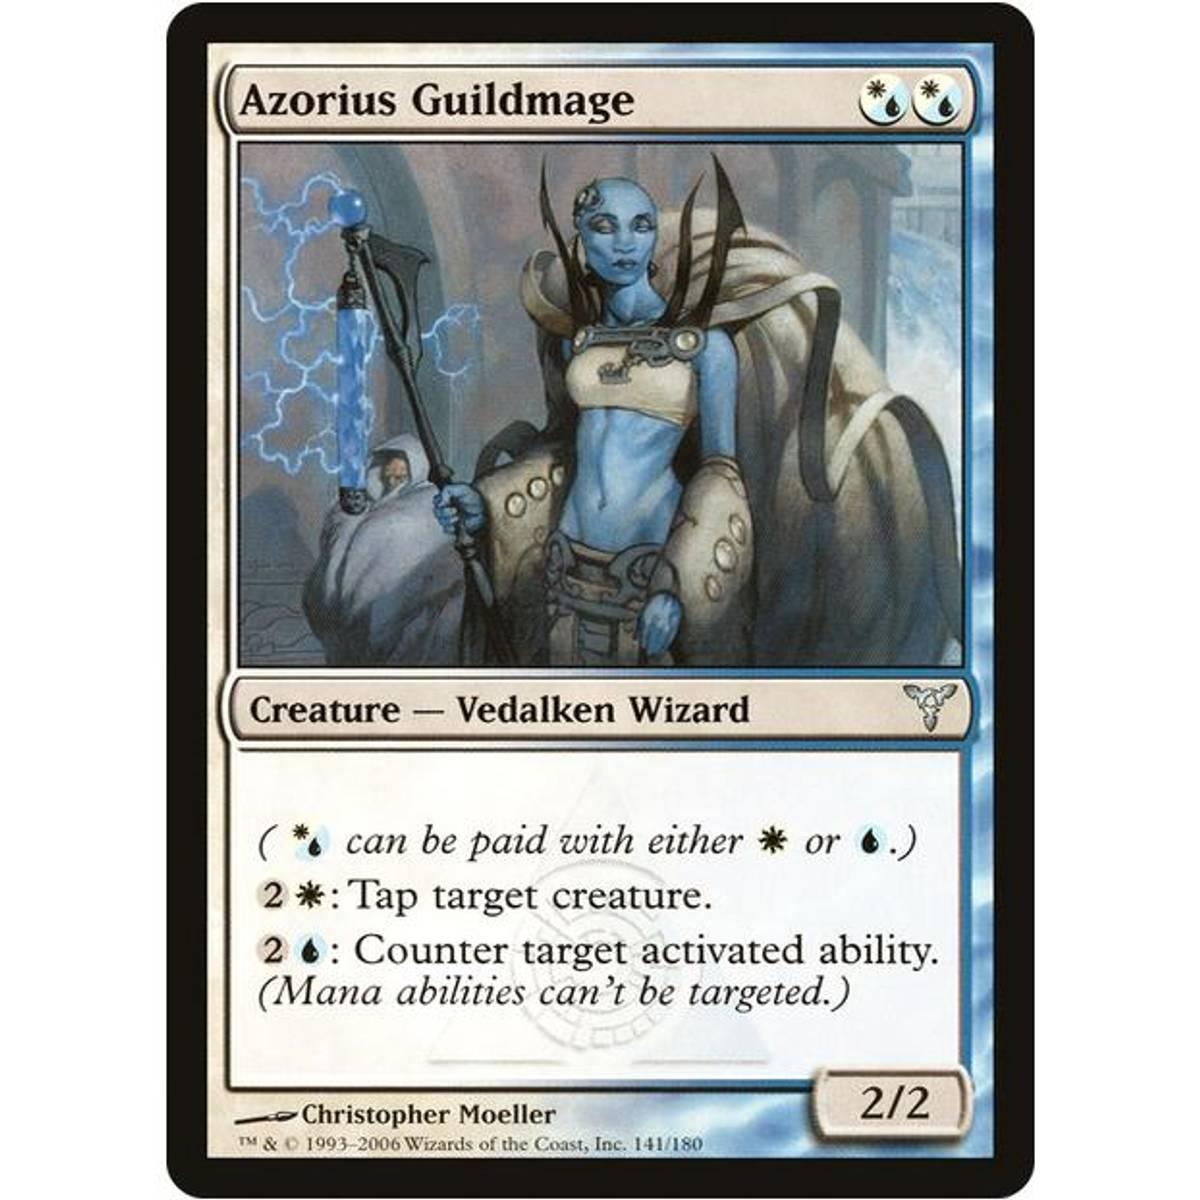 Azorius Guildmage